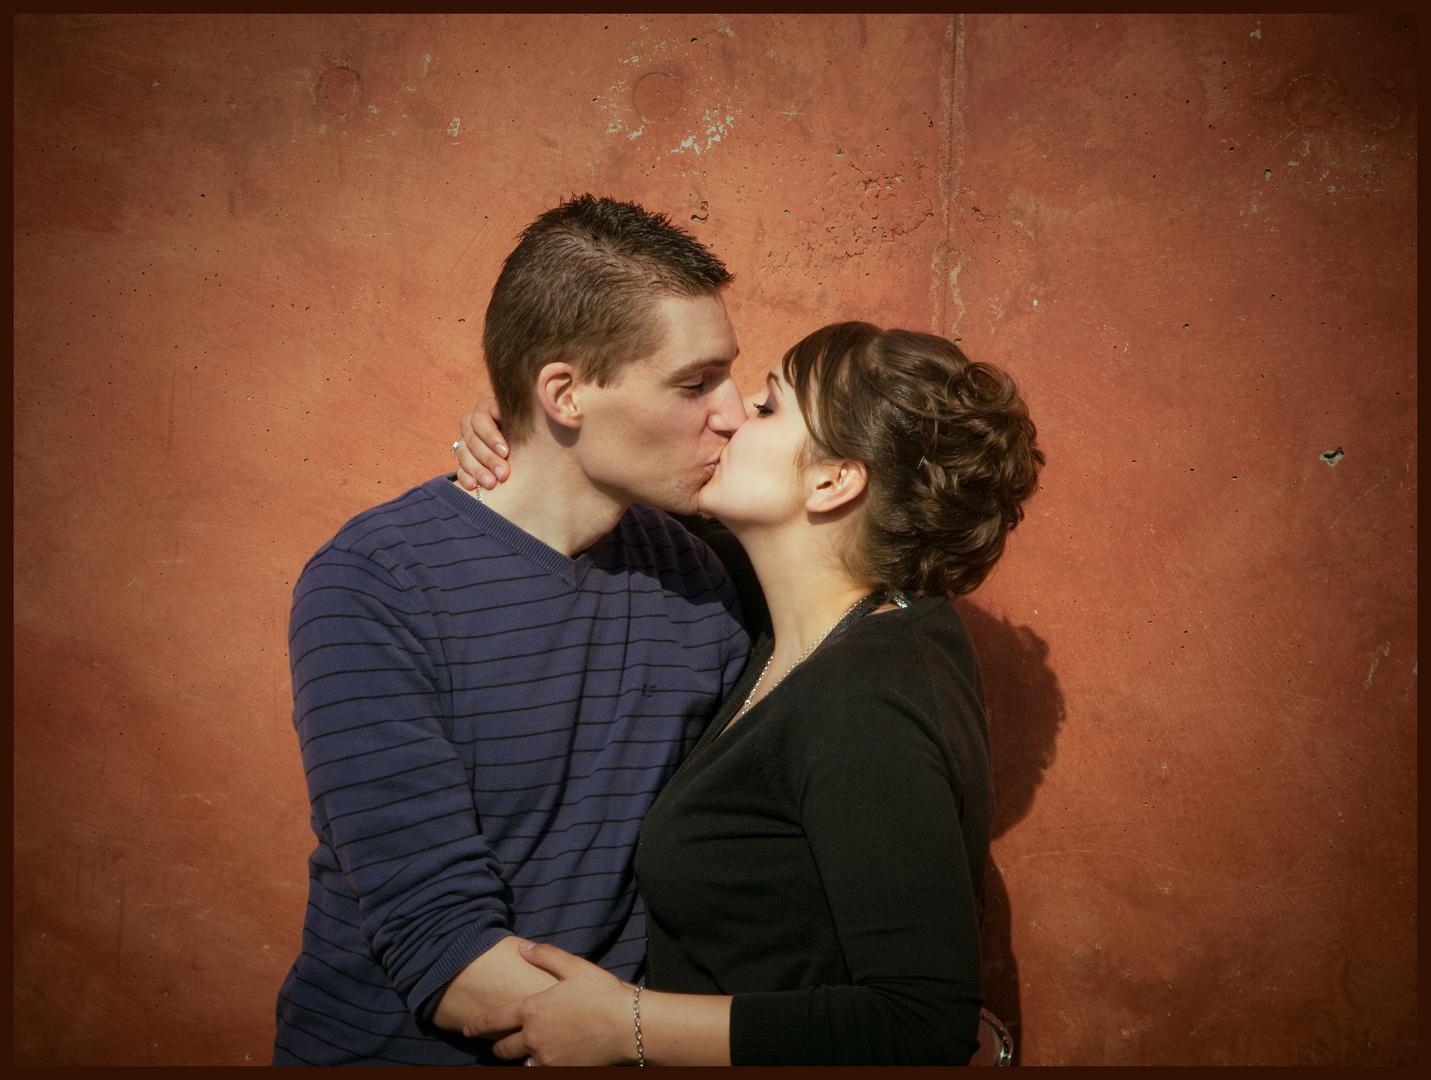 Mein Schatz: einen dicken Kuss für deinen prima Schulabschluss!